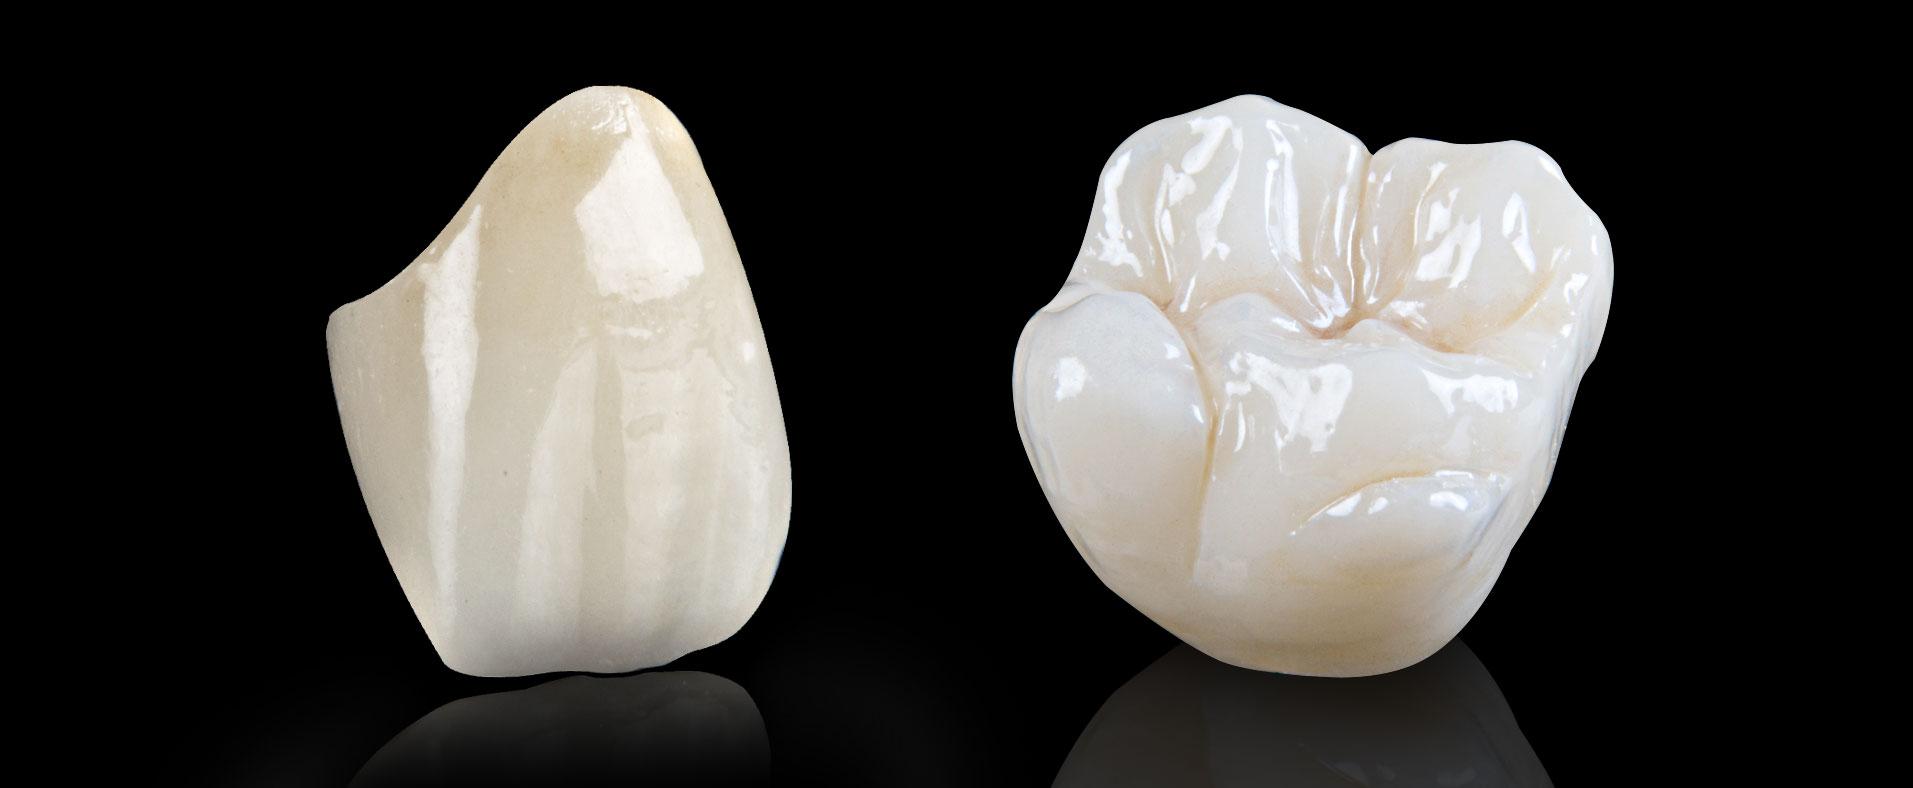 Zirconio Monolítico, un material fundamental para la odontología moderna